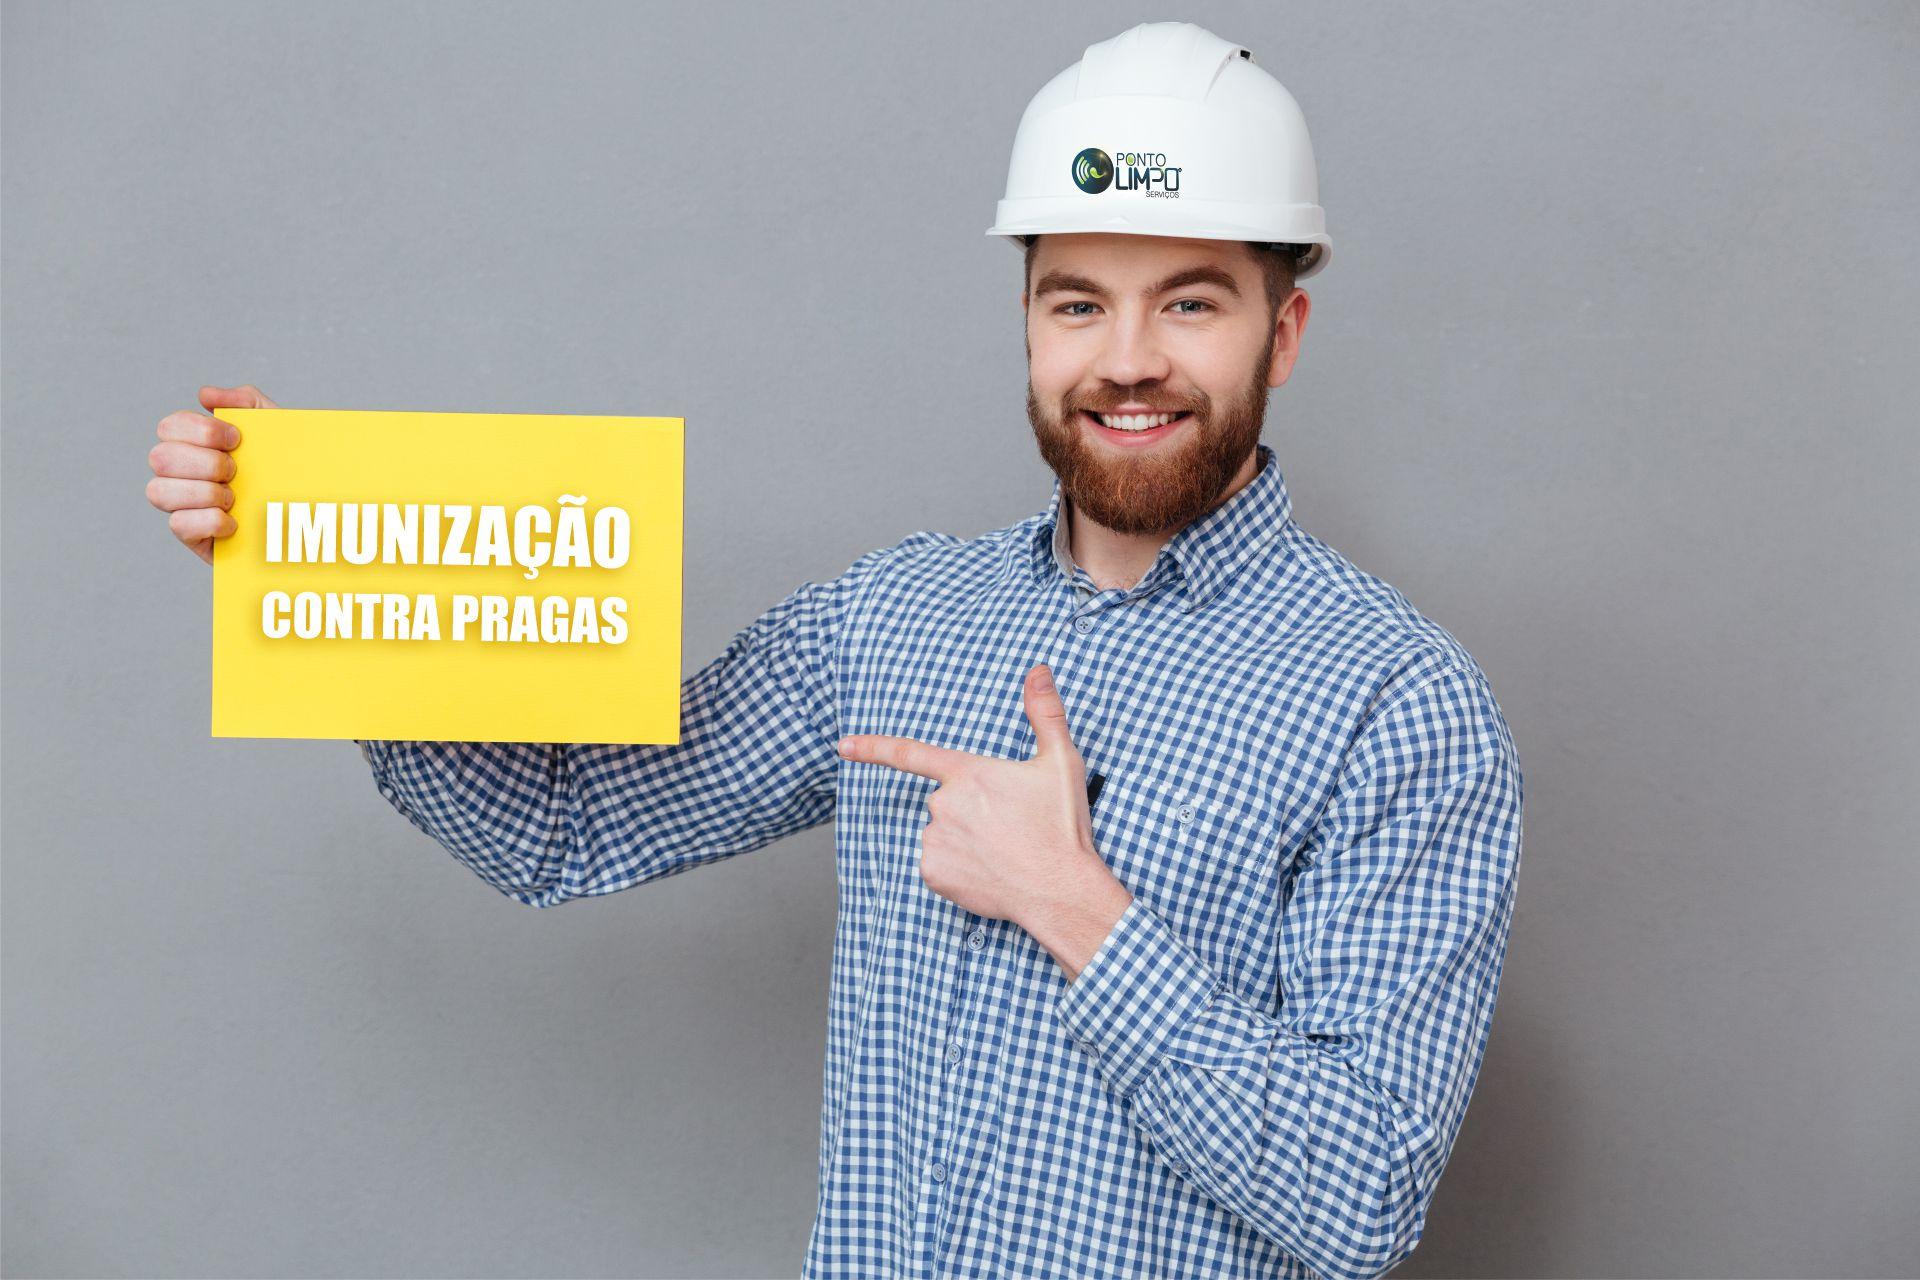 Controle_de_Pragas-Ponto_Limpo_Servicos-02